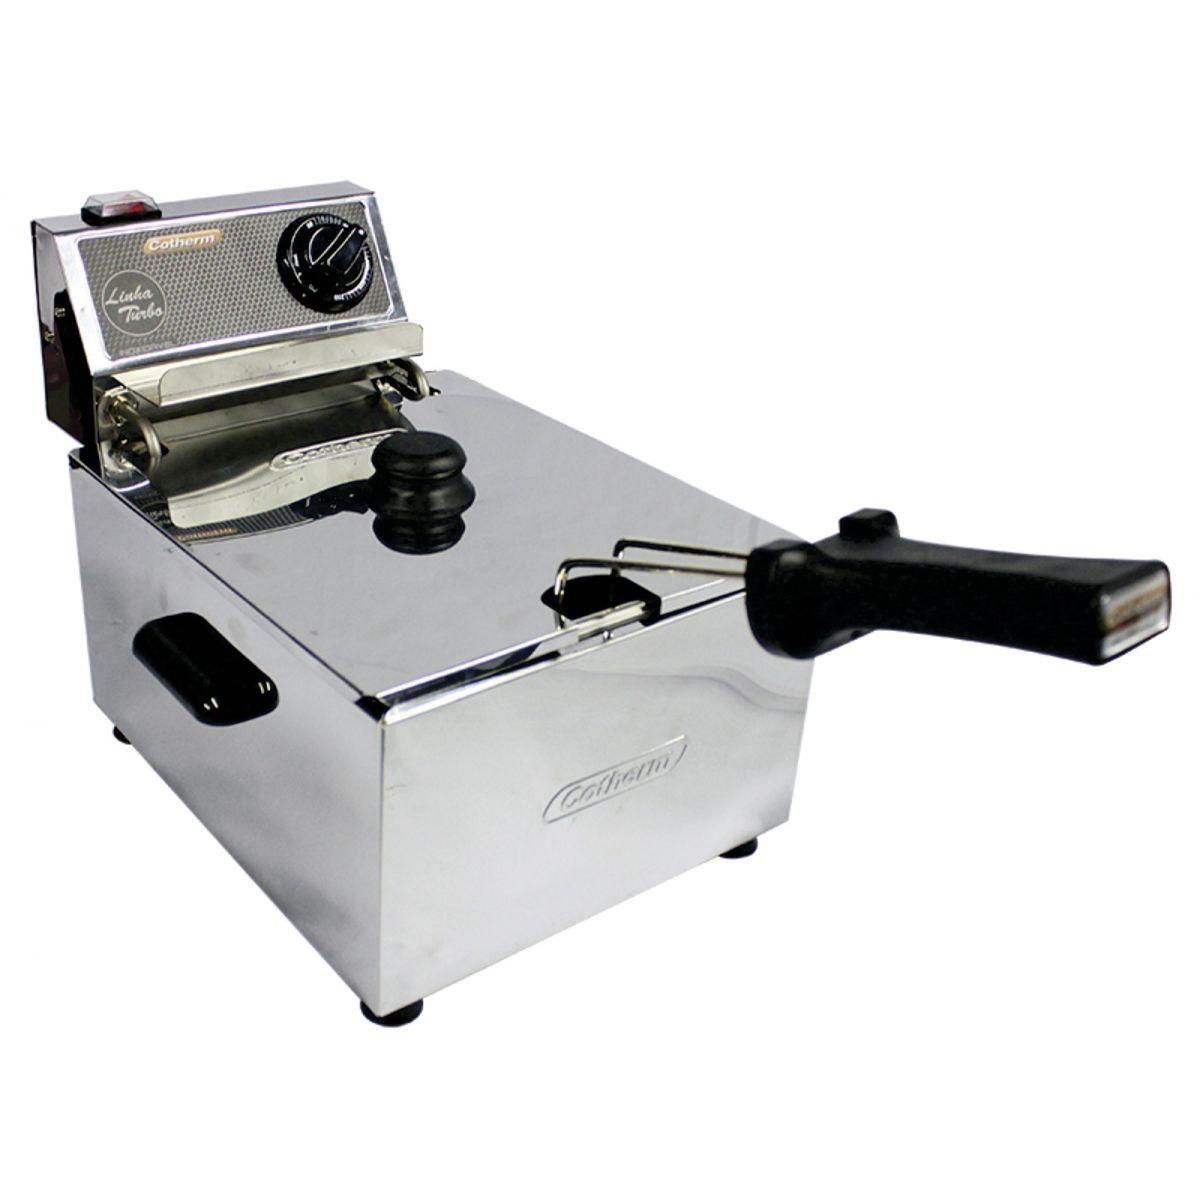 Fritadeira Elétrica 5 Litros 1 Cuba Linha Turbo 3500W 220V Cotherm  - Mix Eletro